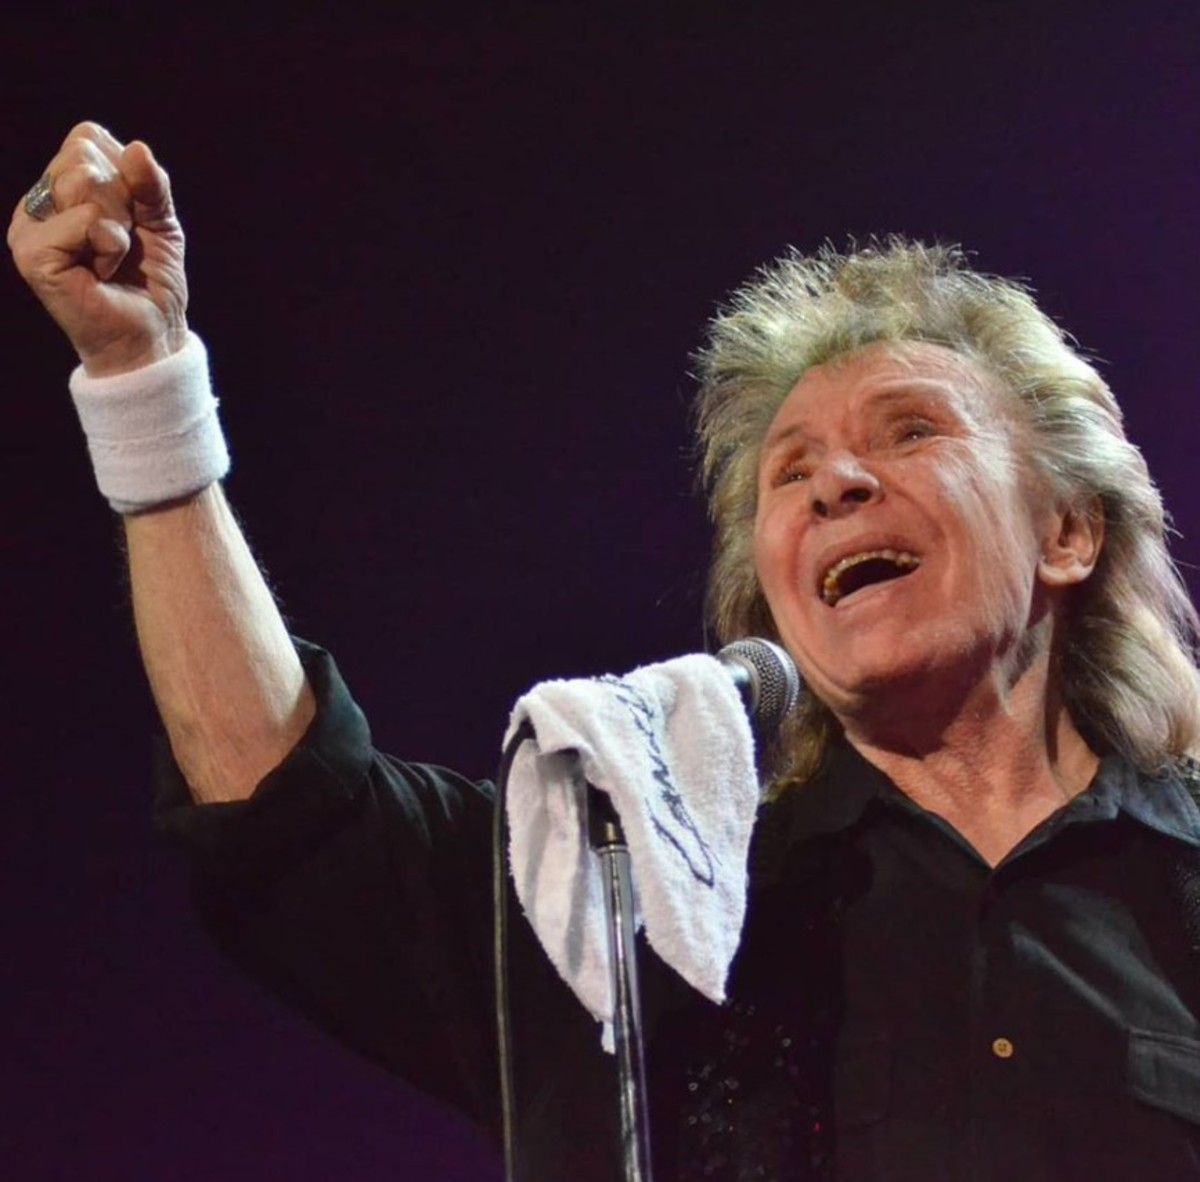 Concert photo courtesy of Joel Diamond